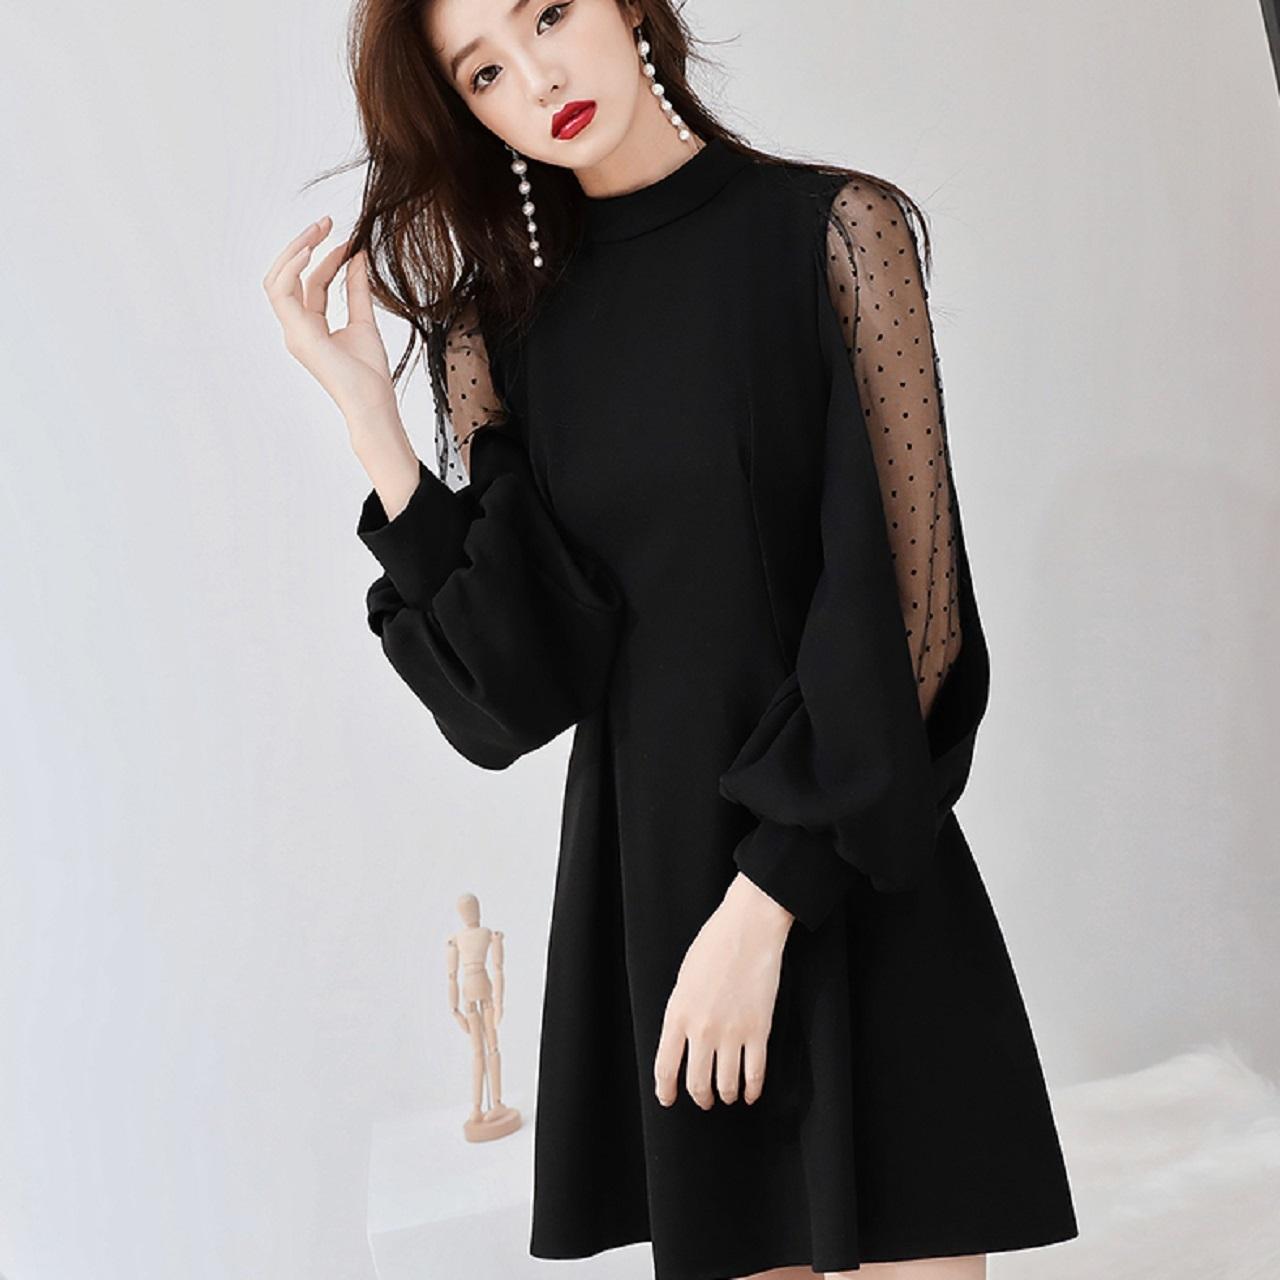 87f9d4df091e8 パーティドレス ドレス ワンピース 黒ドレス 黒ワンピース長袖 フリル ミニ丈 シースルー ドット お呼ばれ 結婚